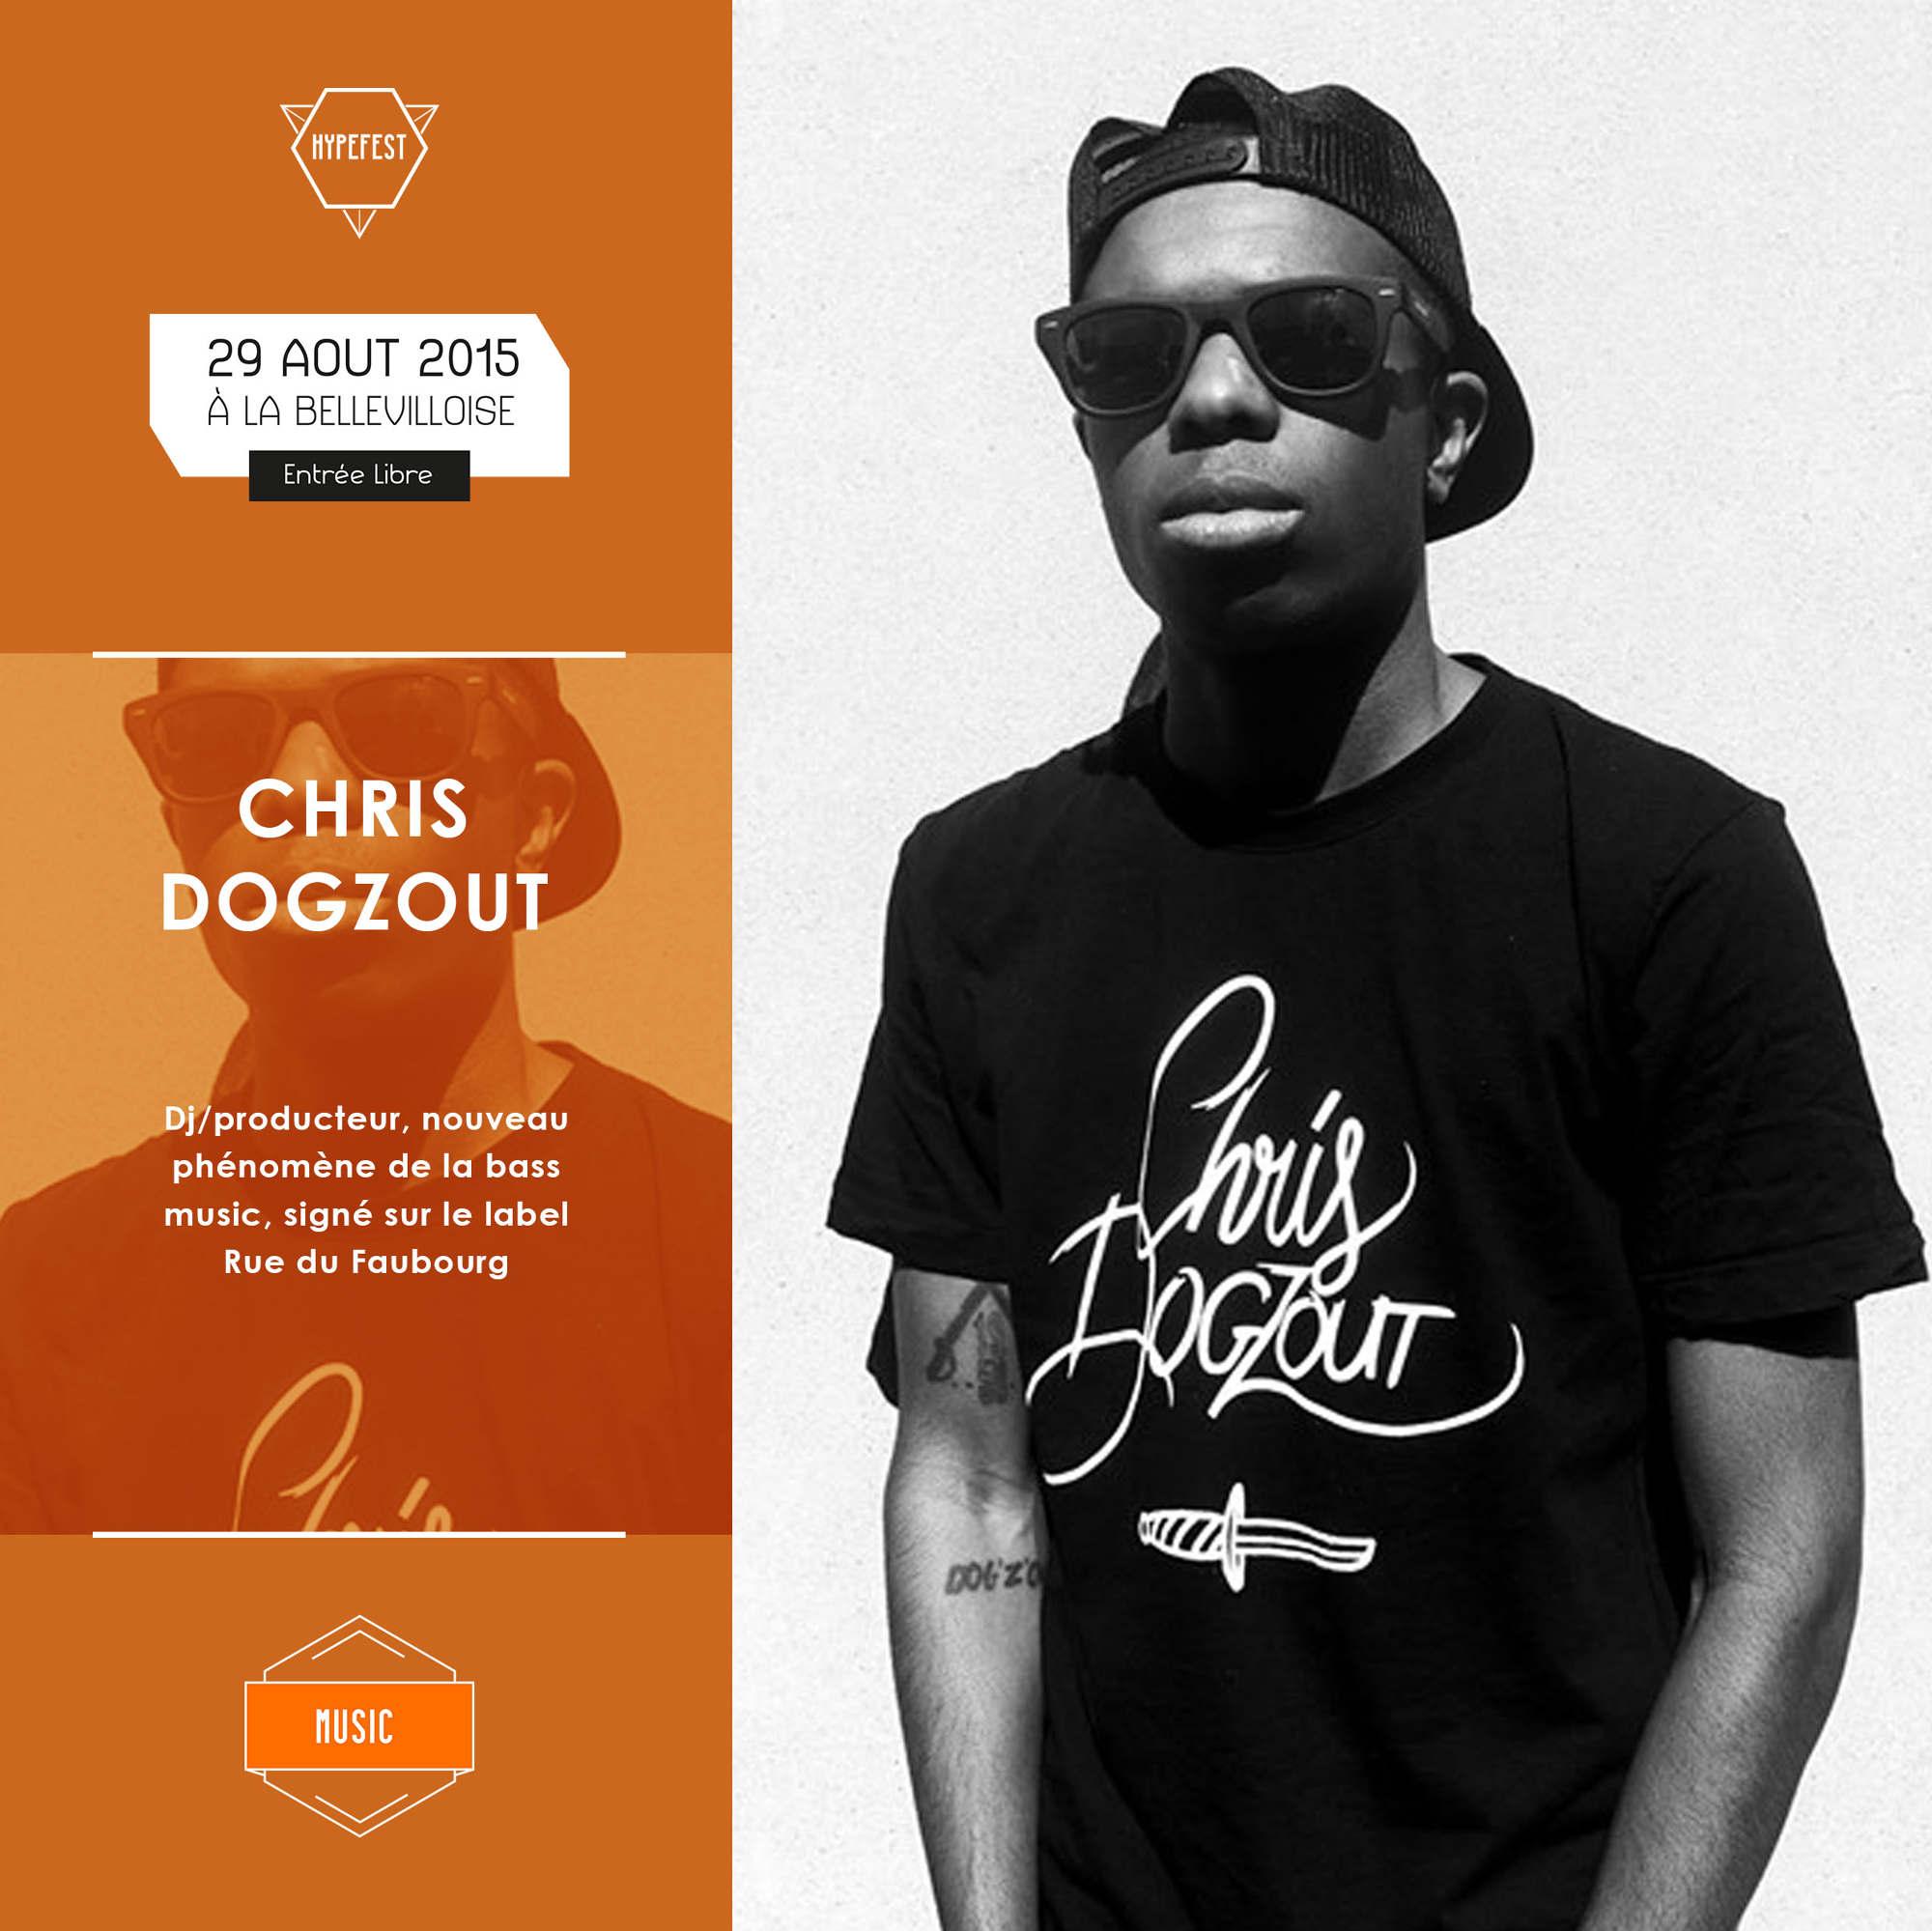 chris-dogzout_2000_c